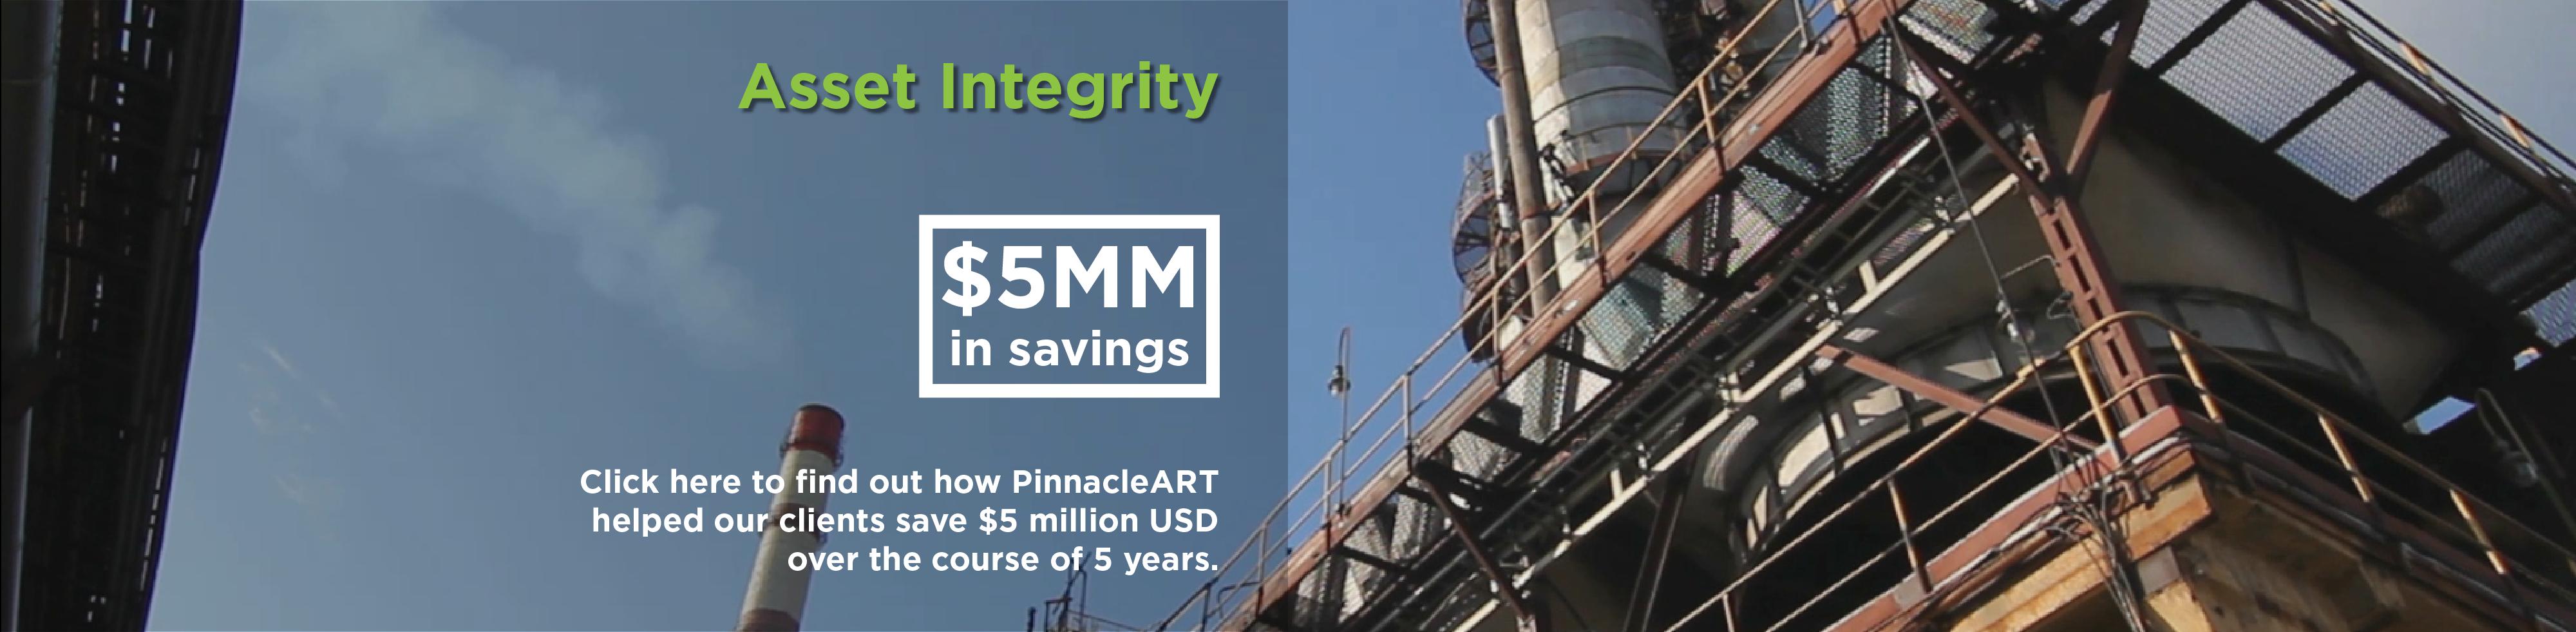 PinnacleART Asset Integrity